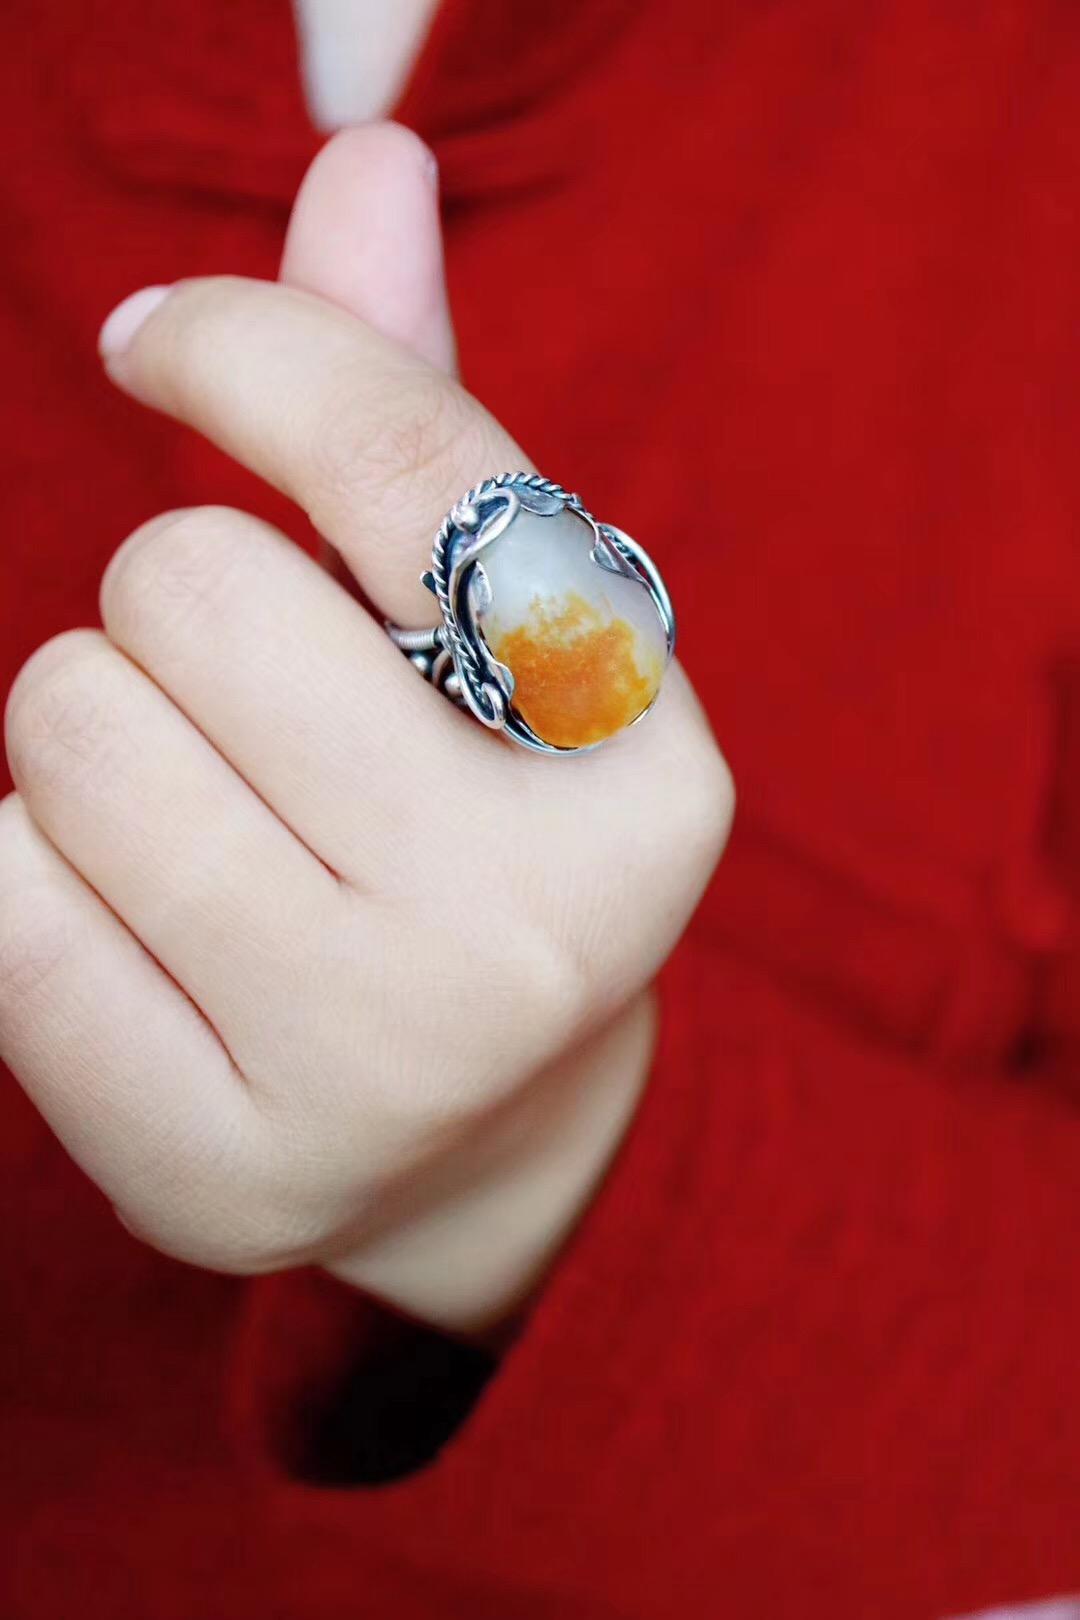 【菩心-和田玉】这是菩心对一枚和田玉籽的演绎-菩心晶舍